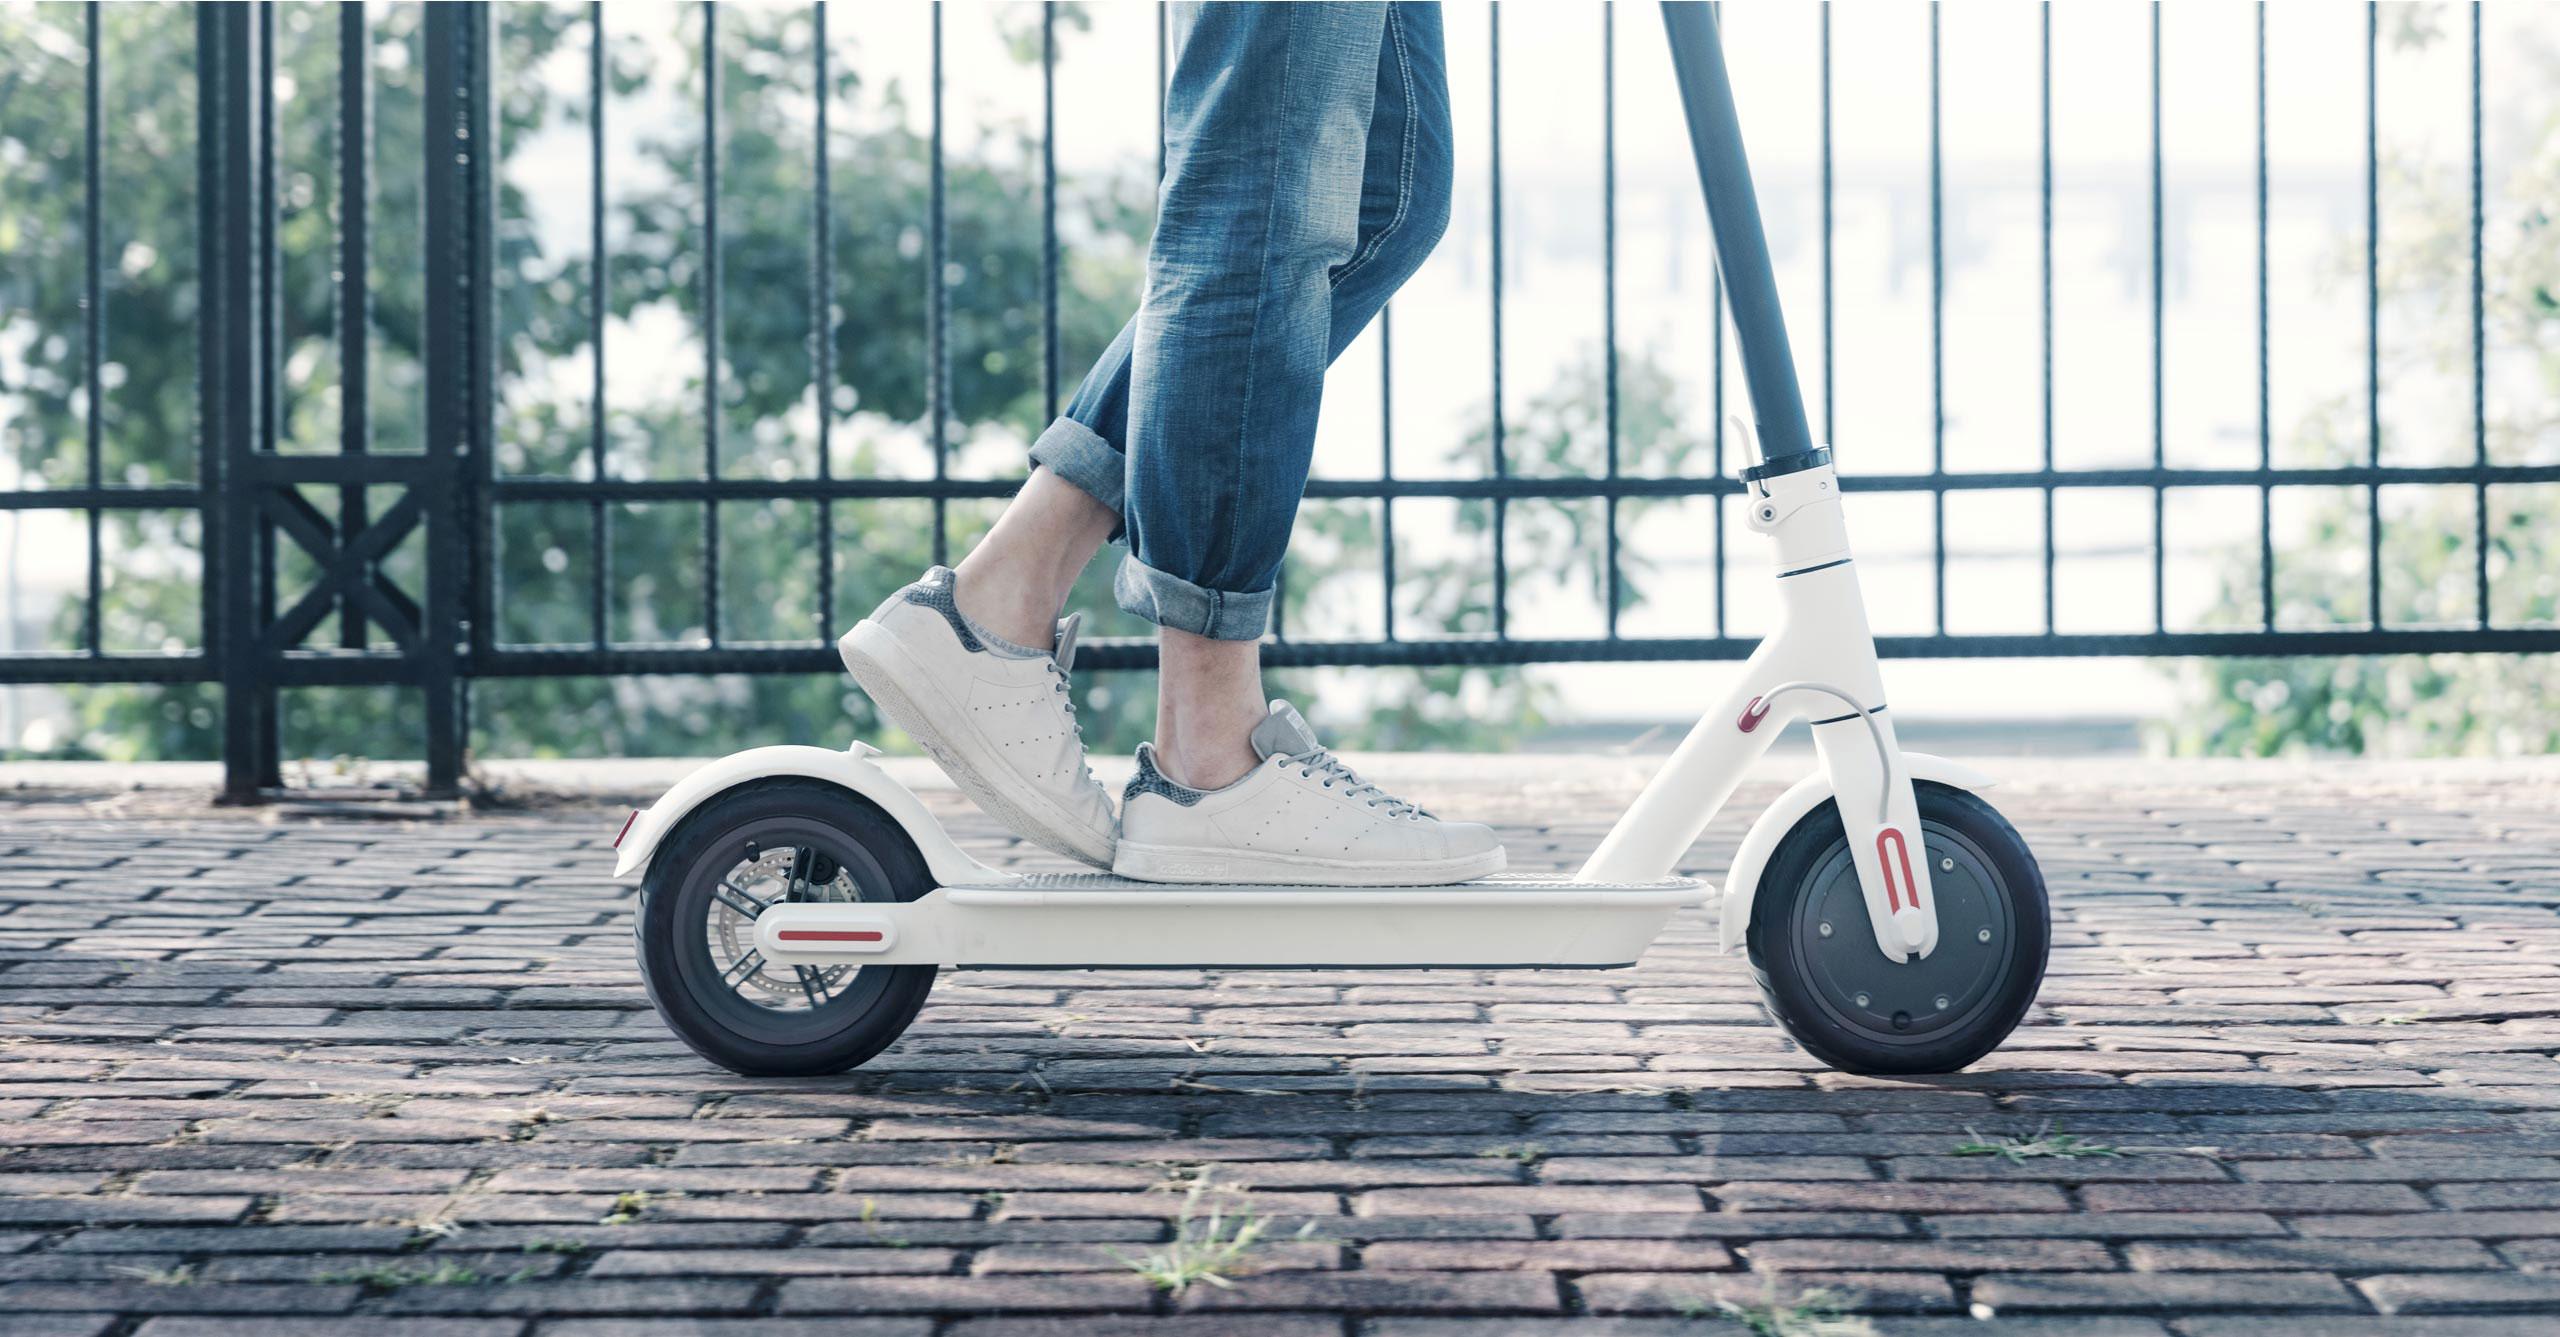 小米如期发布了一款电动滑板车,有亮点吗?-唯轮网